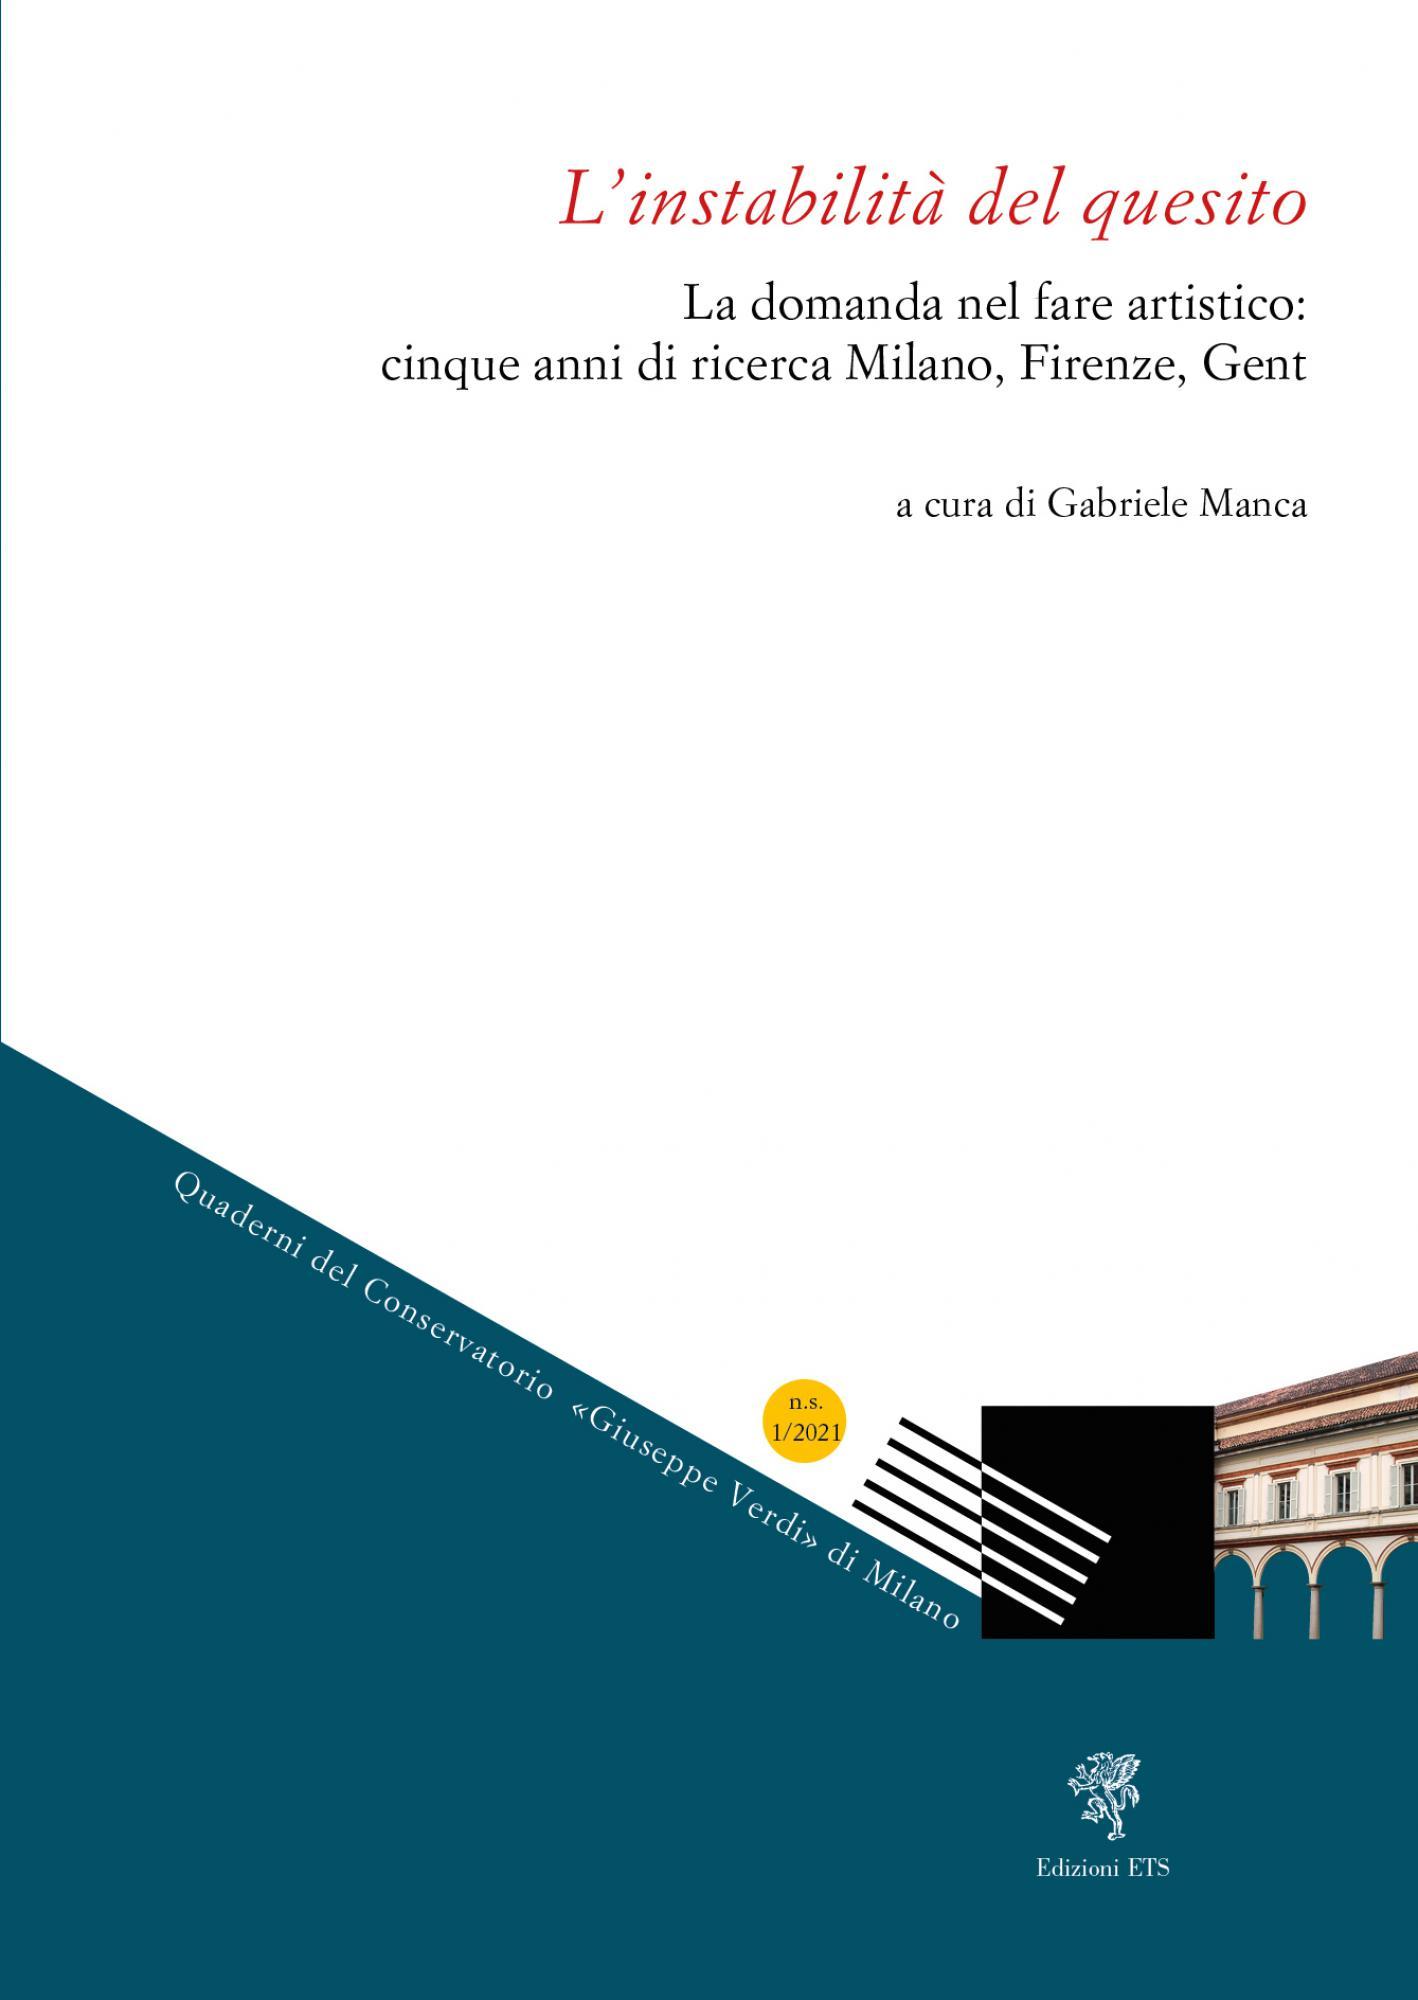 L'instabilità del quesito.Ladomandanel fare artistico: cinque anni di ricerca Milano, Firenze, Gent